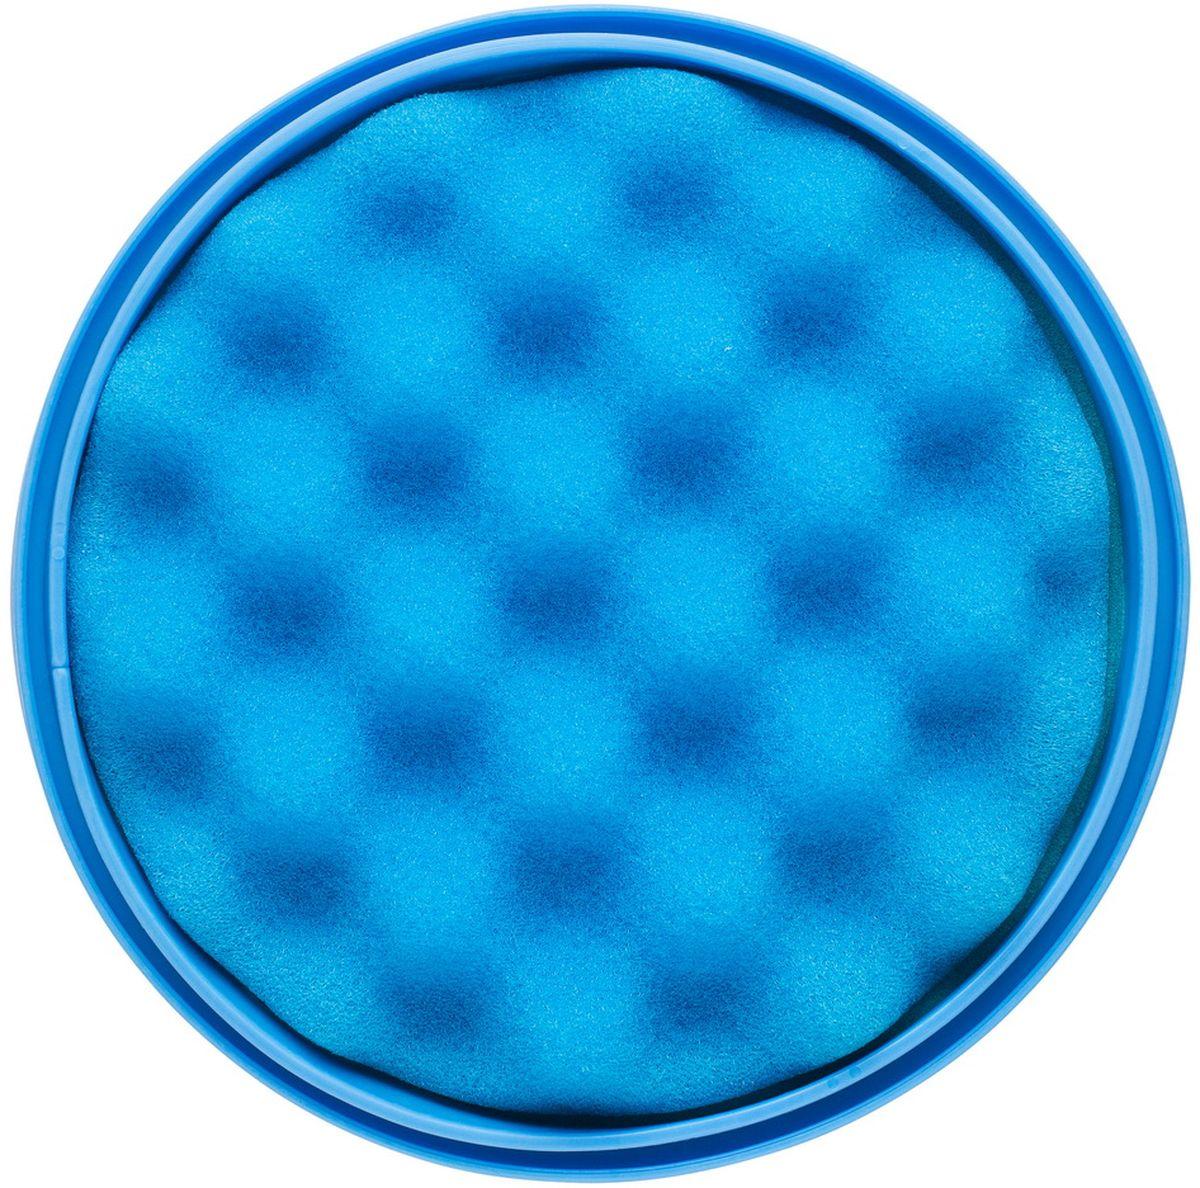 Neolux FSM-21 моторный фильтр для пылесоса SamsungFSM - 21Моторный фильтр Neolux FSM-21 предназначен для пылесосов Samsung серии Cyclone Force SC07F.., SC08F.., SC12F.., SC19F.., SC20F.., SC21F... Код оригинального фильтра DJ63-01285A.